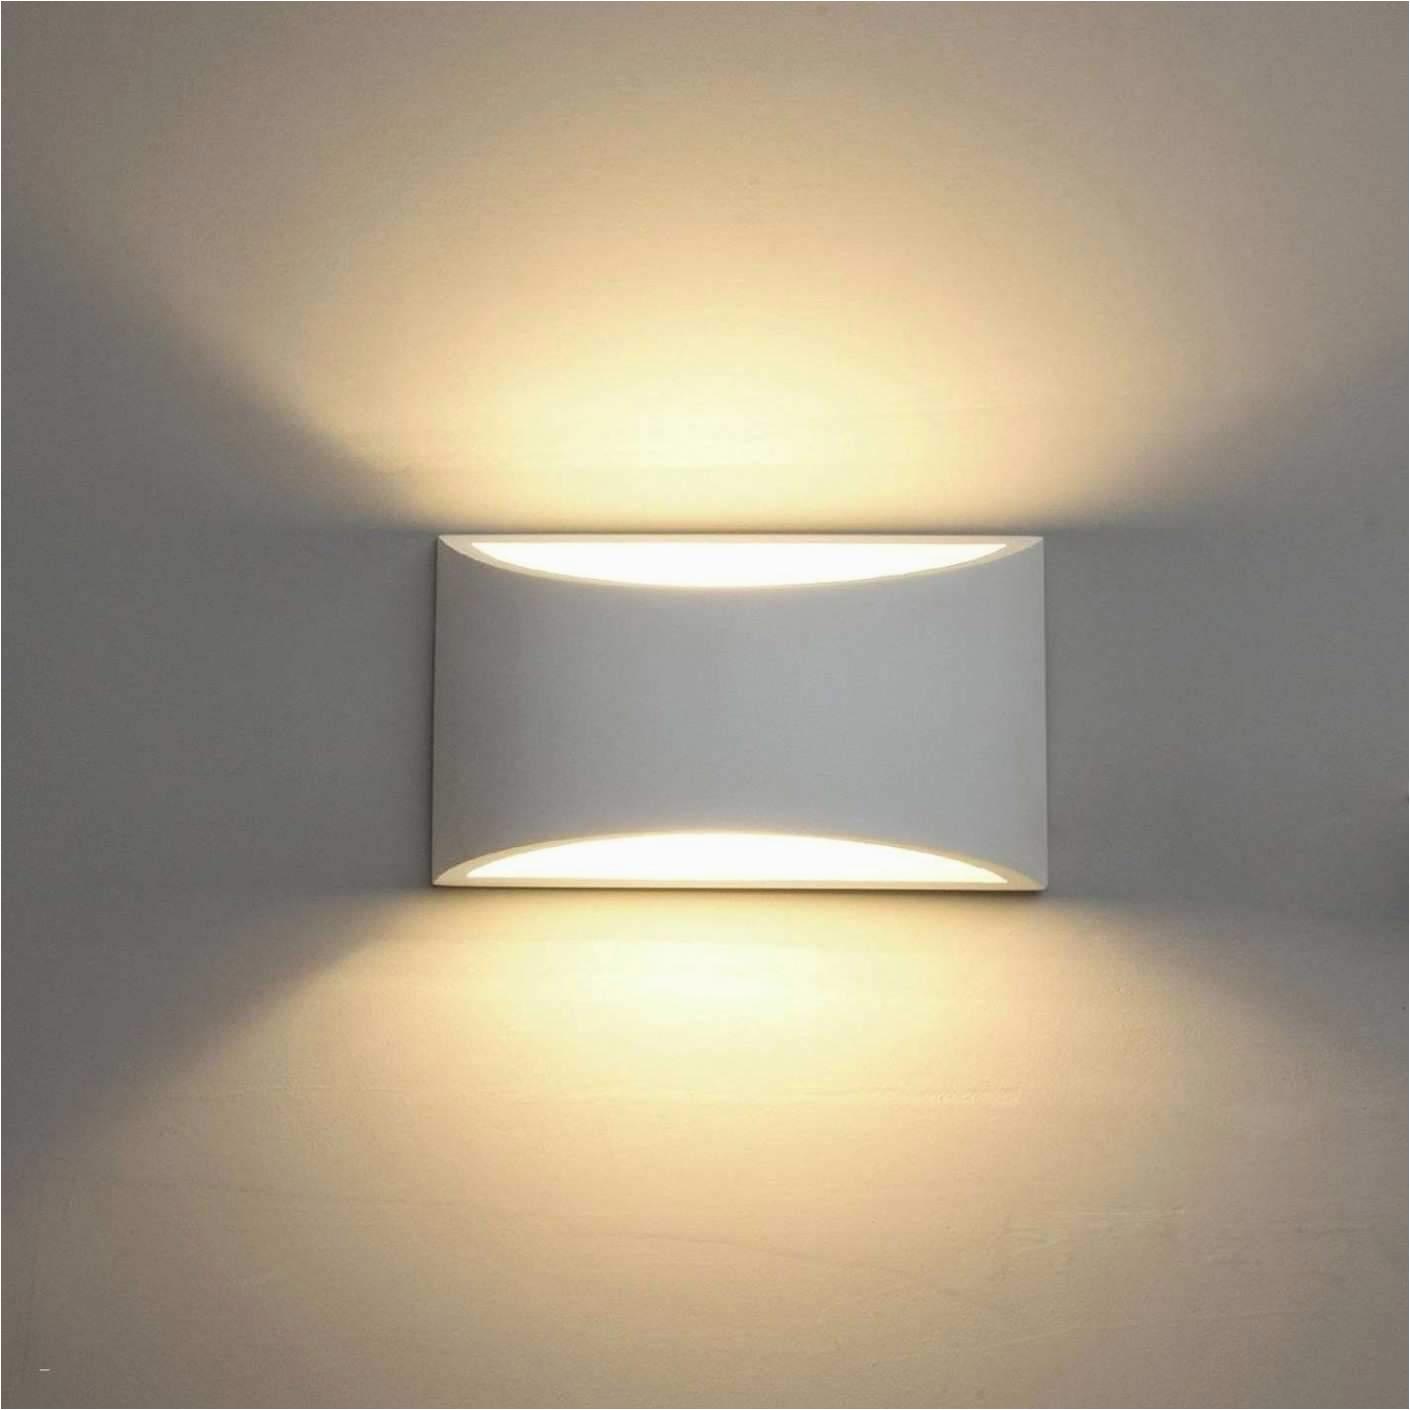 wohnzimmer leuchten genial led lampen wohnzimmer genial deckenlampe schlafzimmer 0d of wohnzimmer leuchten